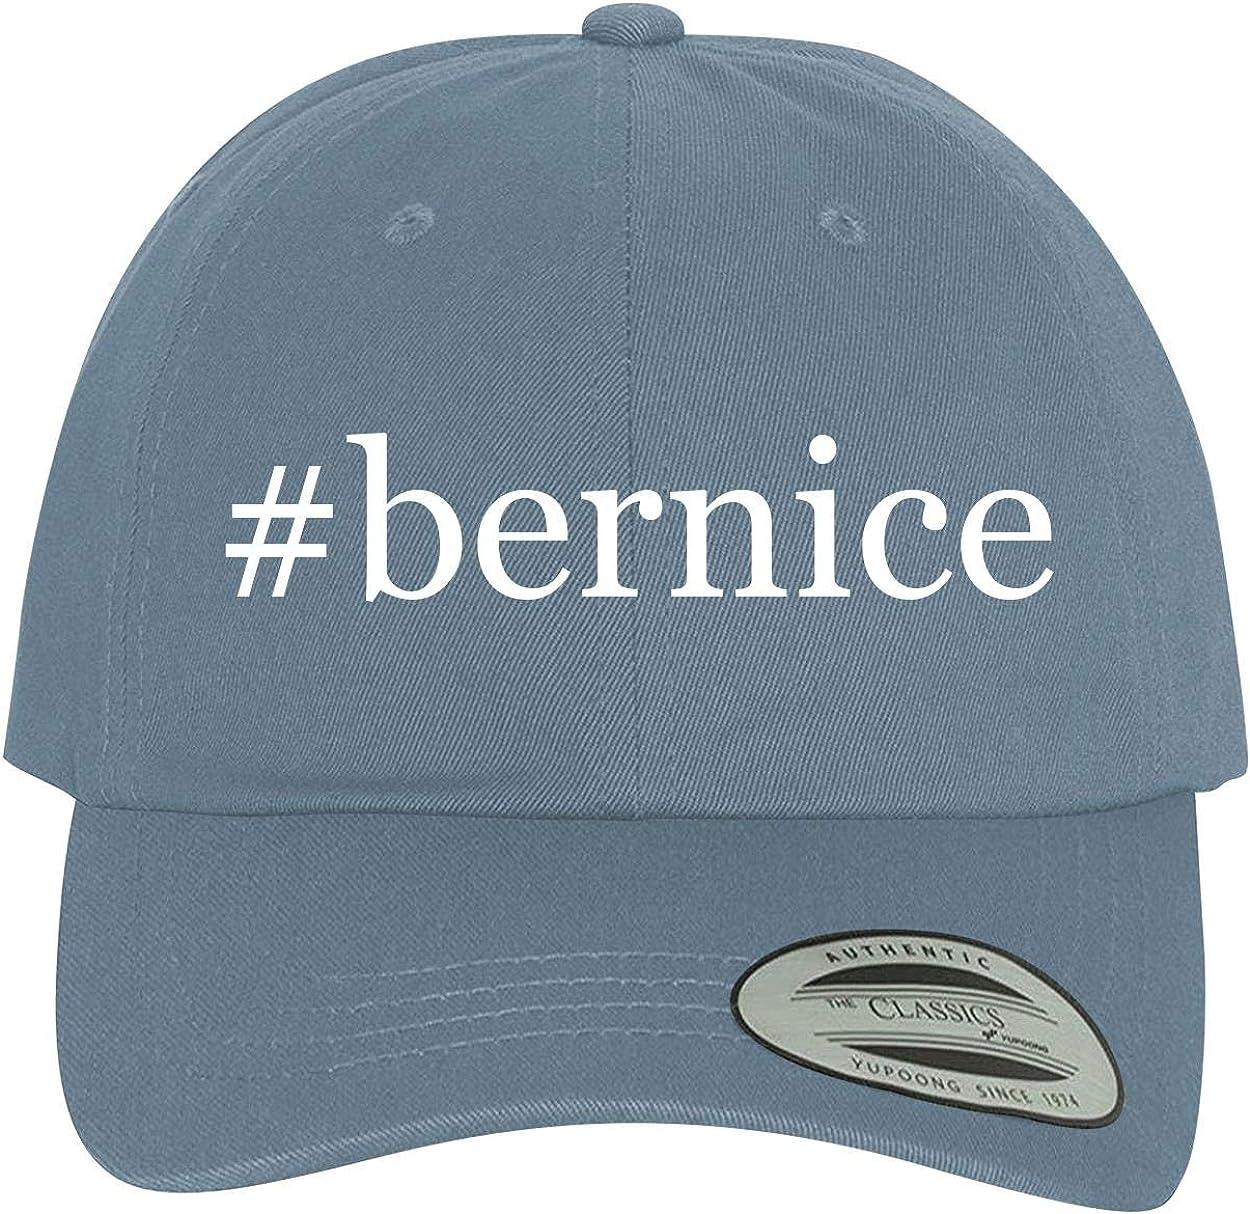 Comfortable Dad Hat Baseball Cap BH Cool Designs #Bernice